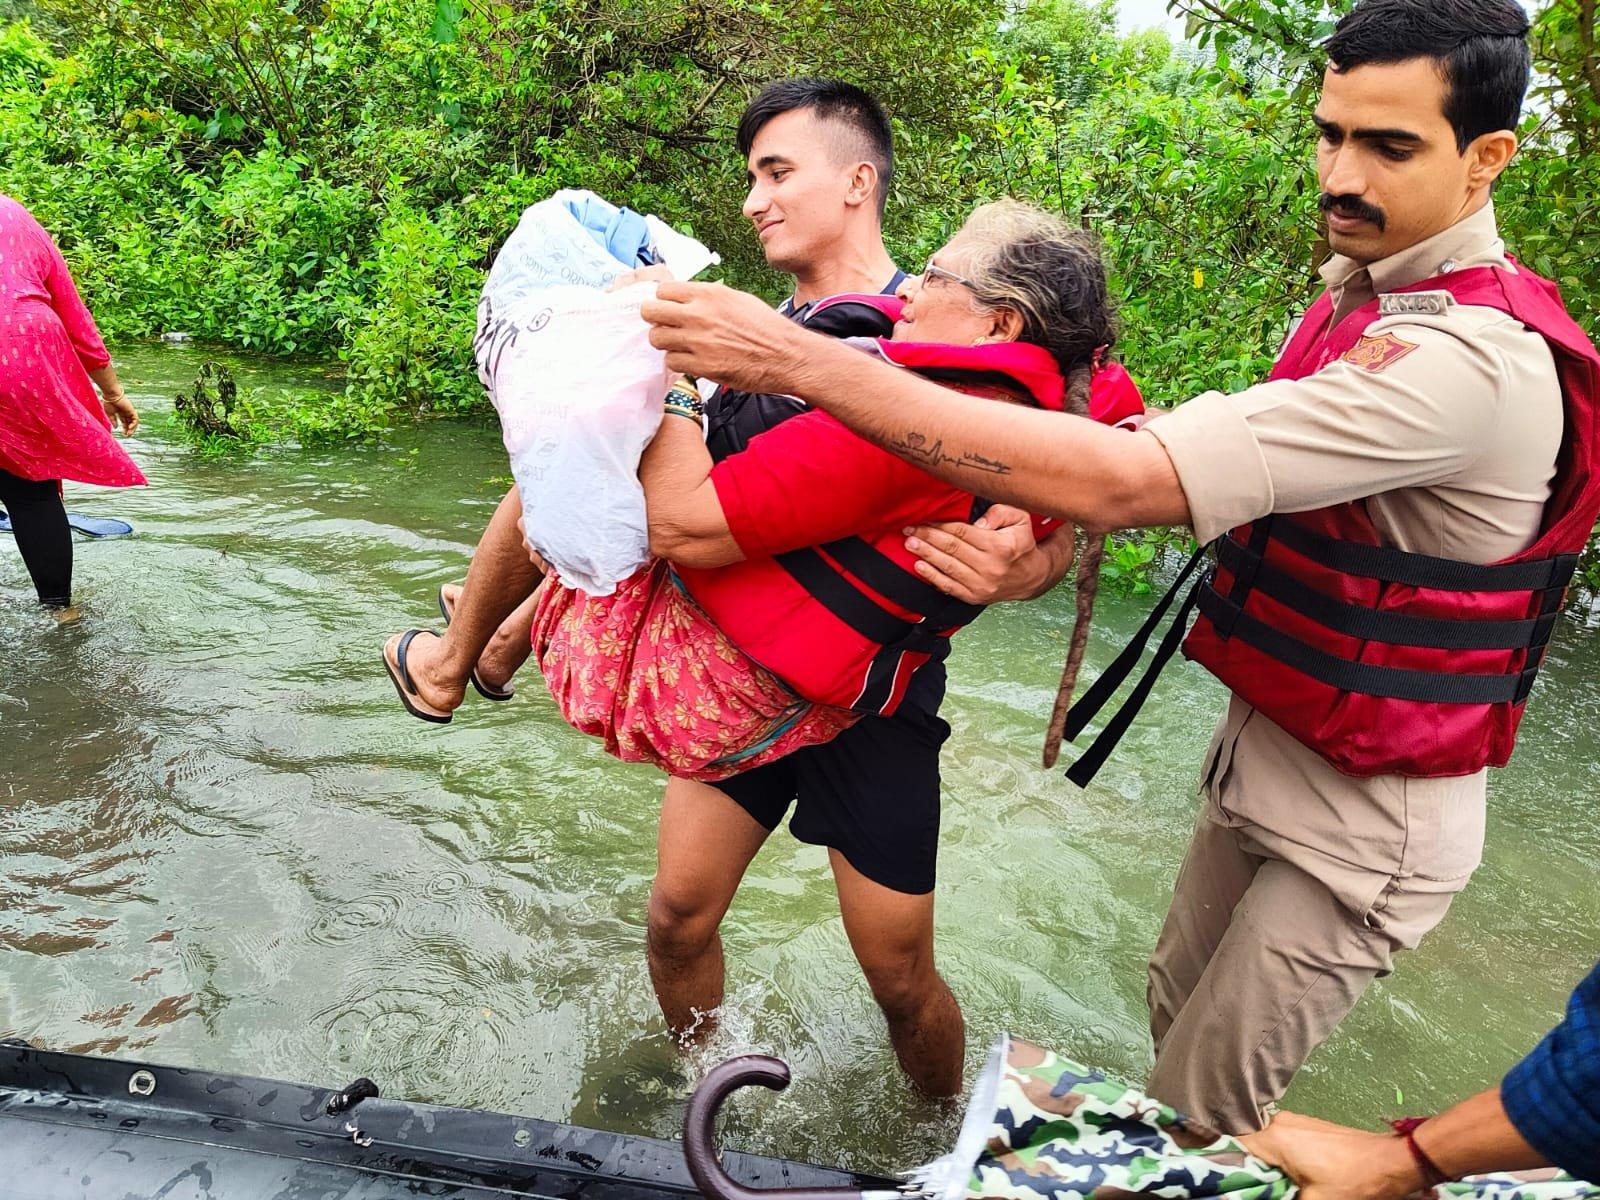 गोवा के कई जिलों में भारी बारिश के बाद बाढ़ जैसे हालात हैं। फोटो में एक बुजुर्ग महिला को उठाकर नाव तक पहुंचाता NDRF का जवान।